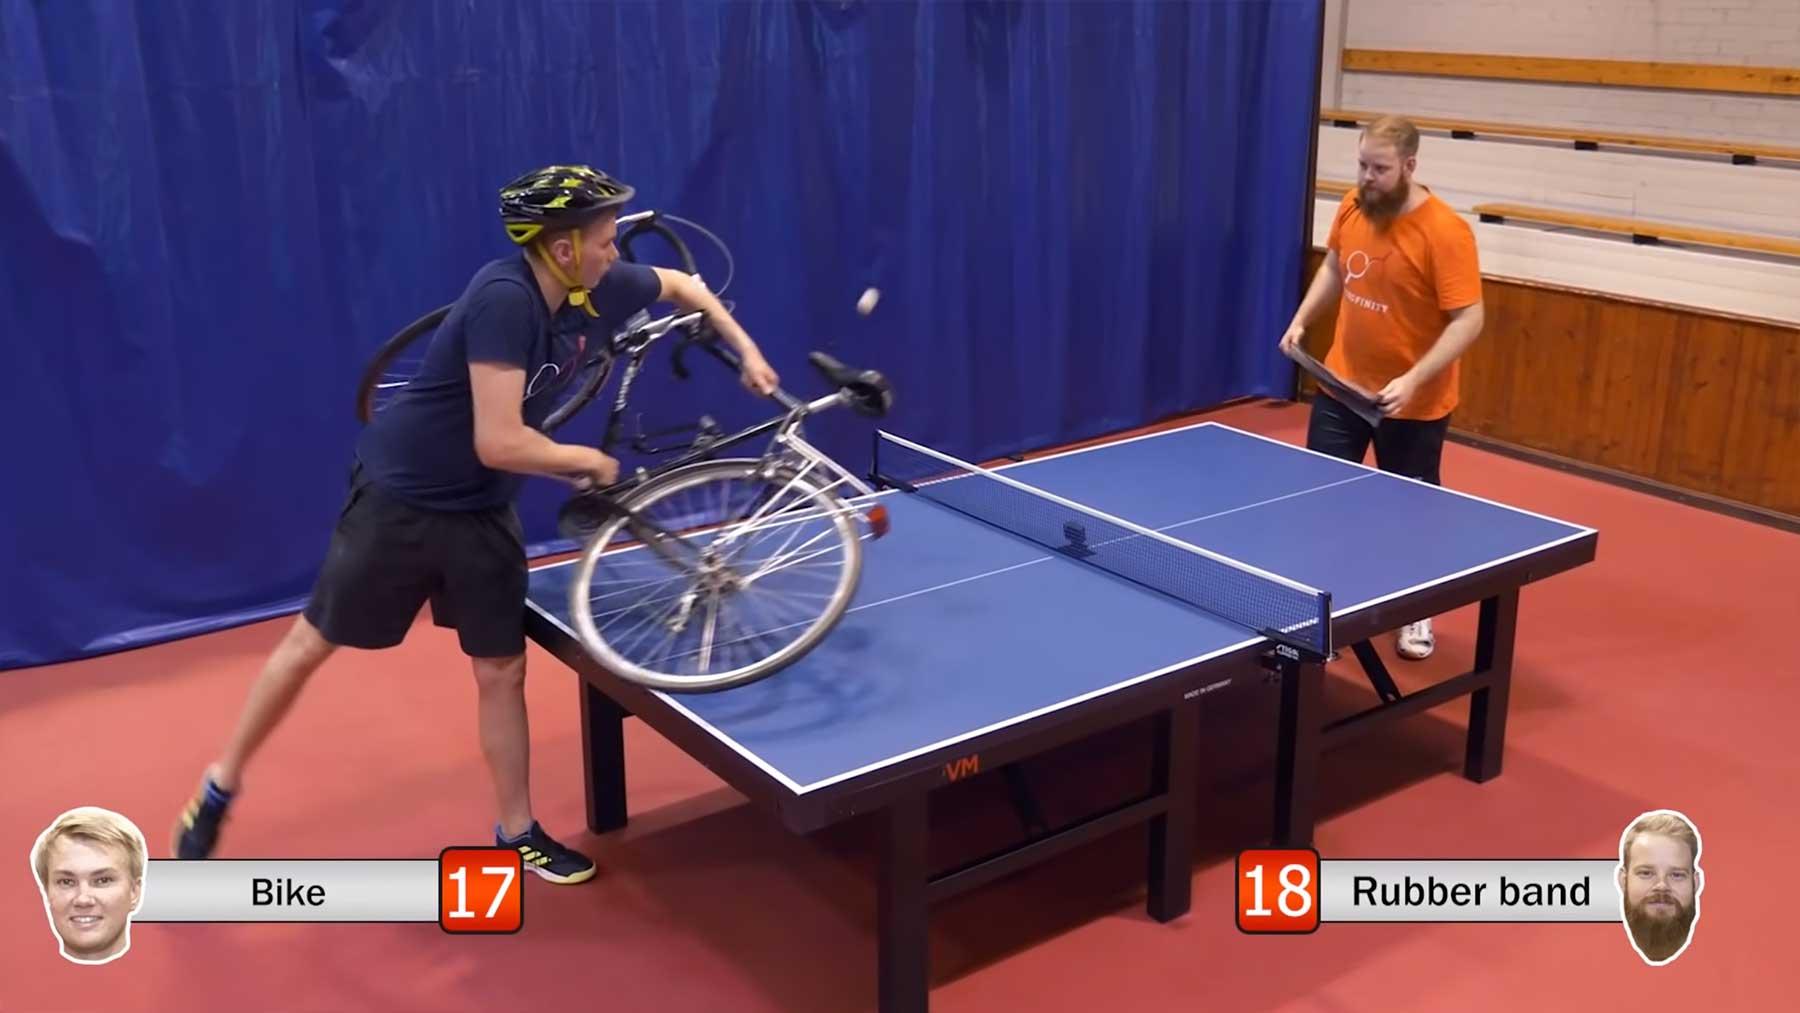 Tischtennis mit einem Fahrrad als Schläger spielen